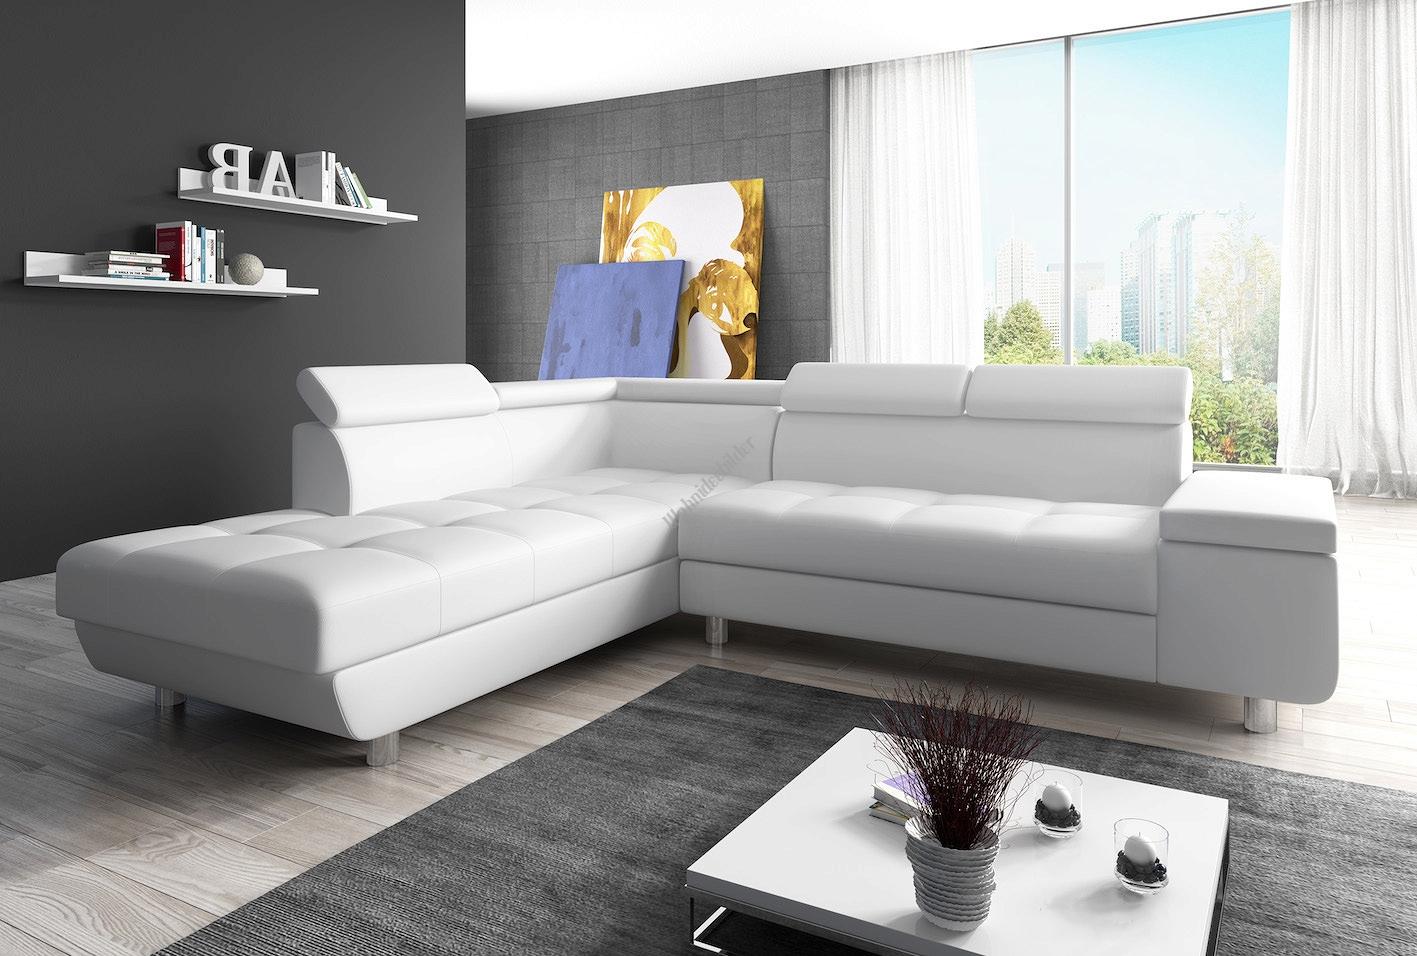 Full Size of Couch Garnitur Ecksofa Sofagarnitur In Kunstleder Wei Sofa Reeno Lila Halbrund 2 5 Sitzer Delife Rotes Sitzhöhe 55 Cm Modulares Günstig Kaufen Reiniger Sofa Sofa Garnitur